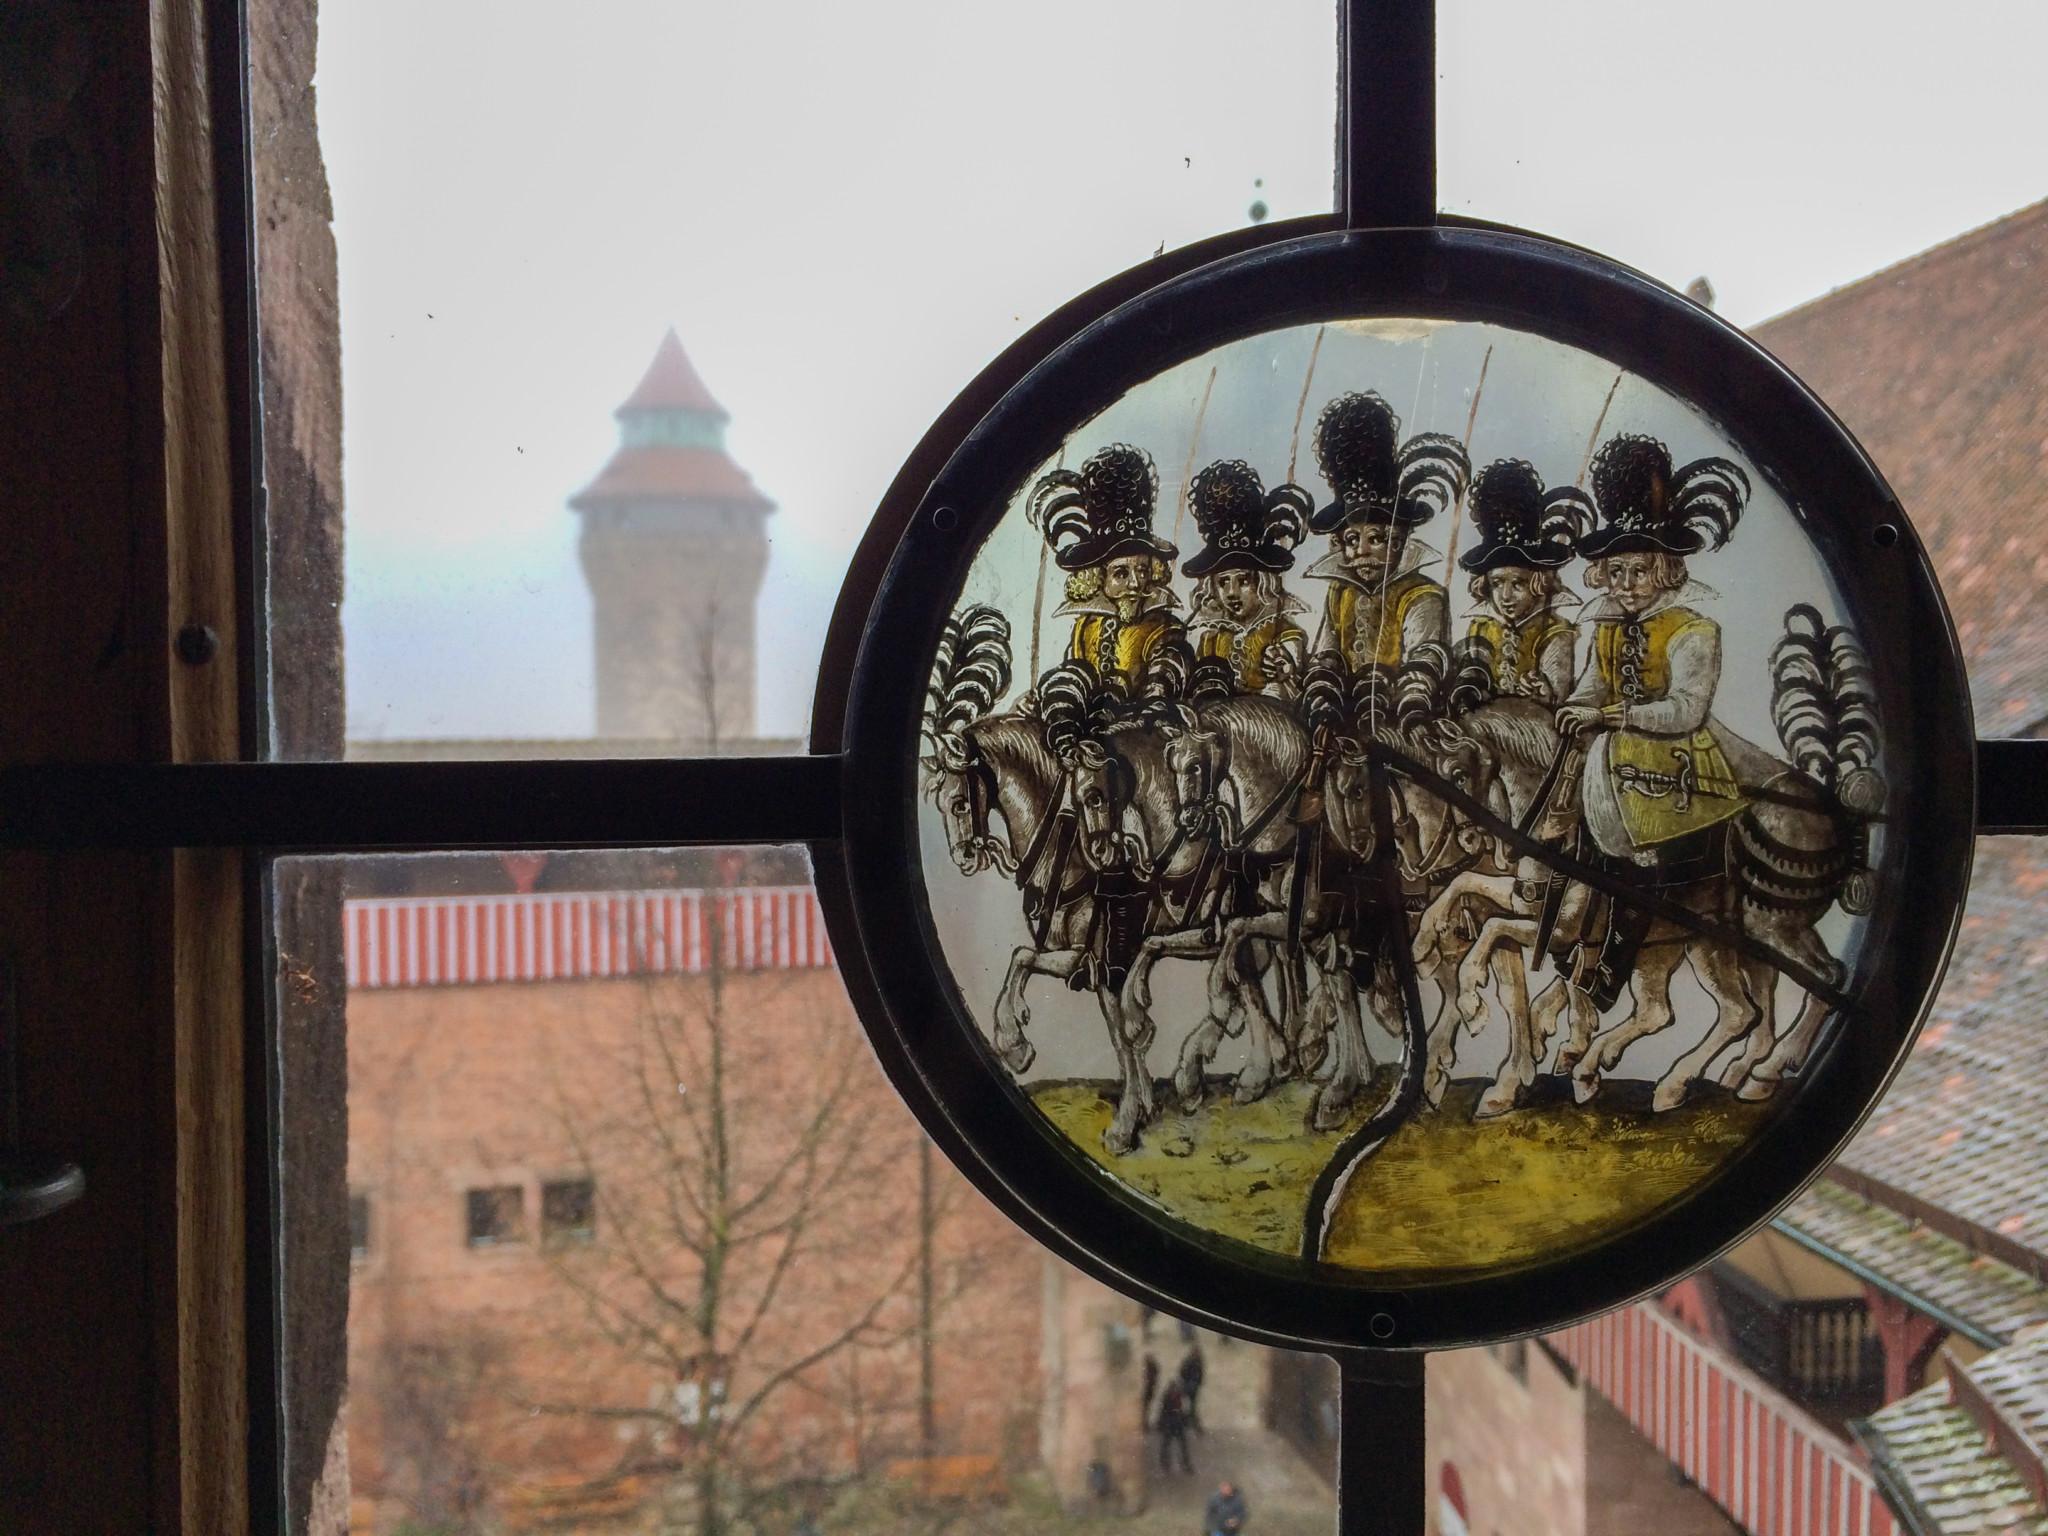 Historisches Museum in der Kaiserburg Nürnberg